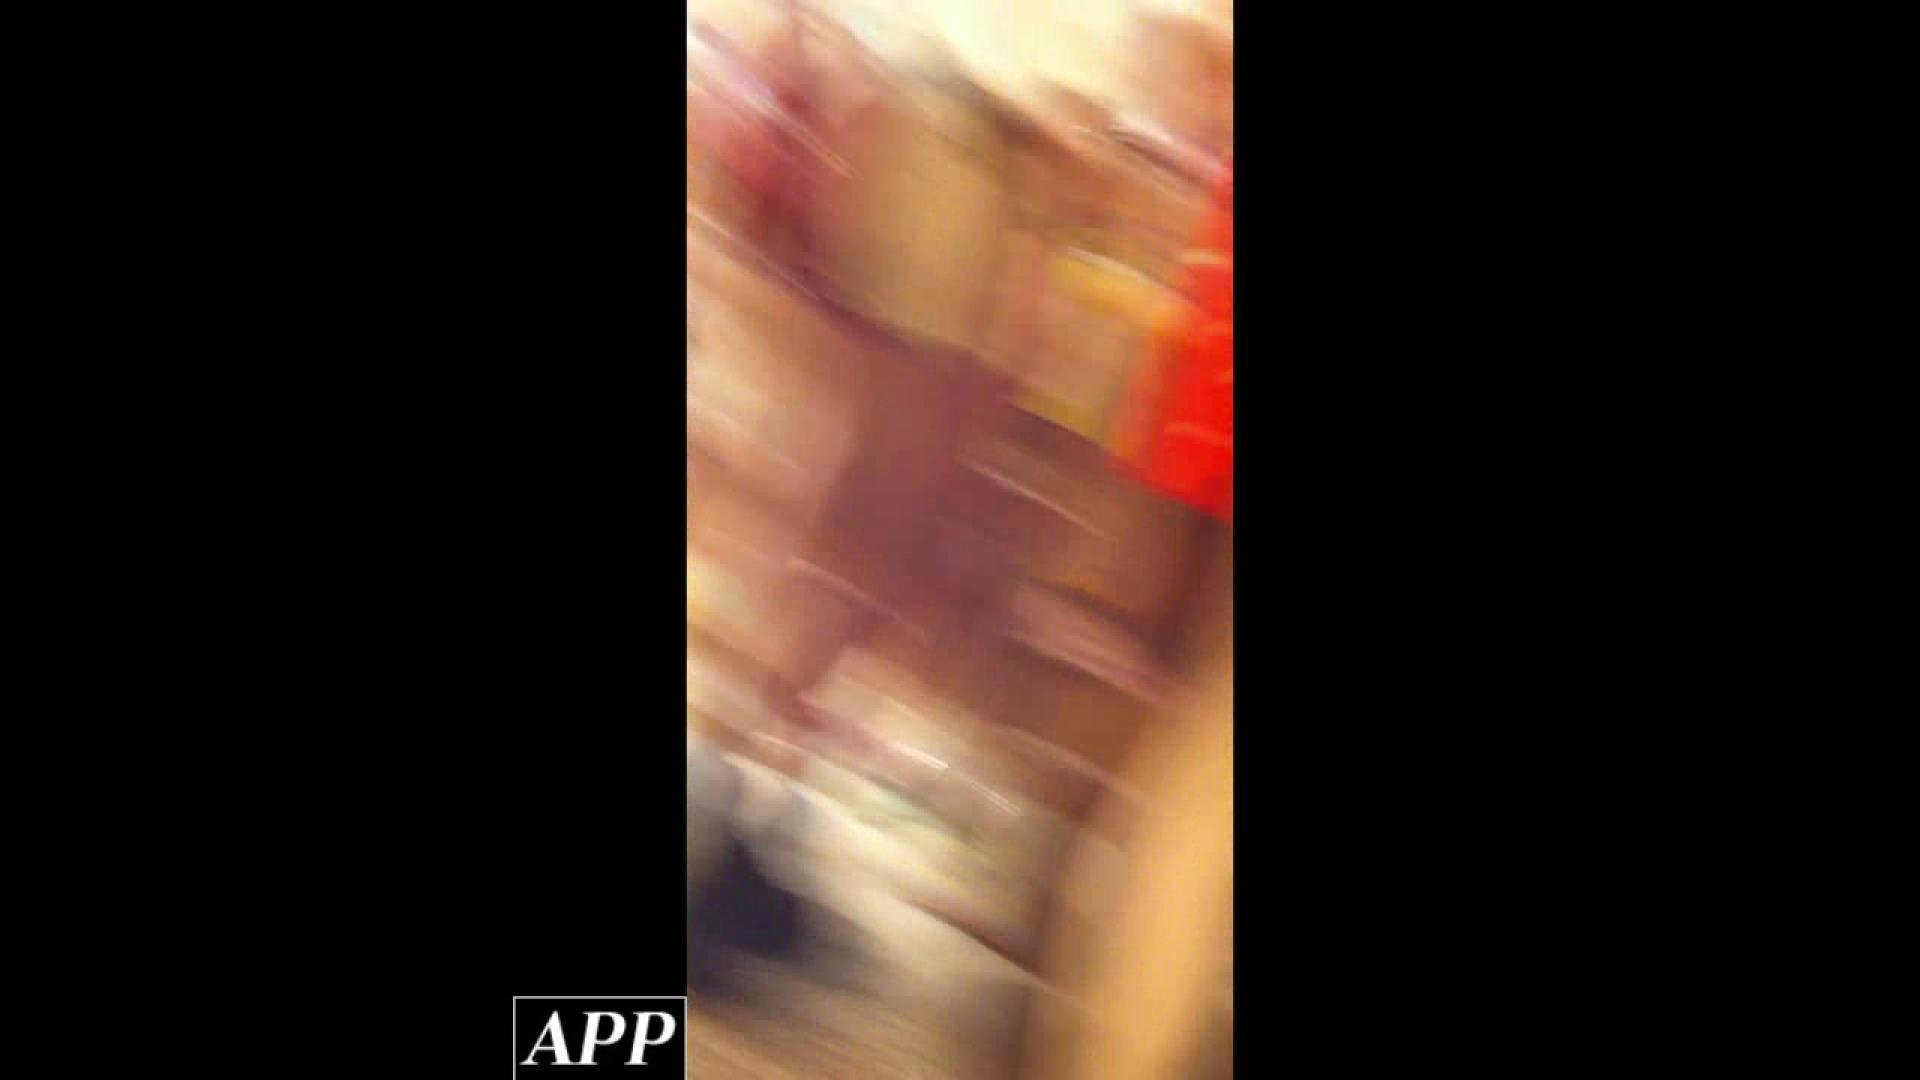 ハイビジョン盗撮!ショップ店員千人斬り!胸チラ編 vol.86 盗撮 オマンコ無修正動画無料 54枚 45